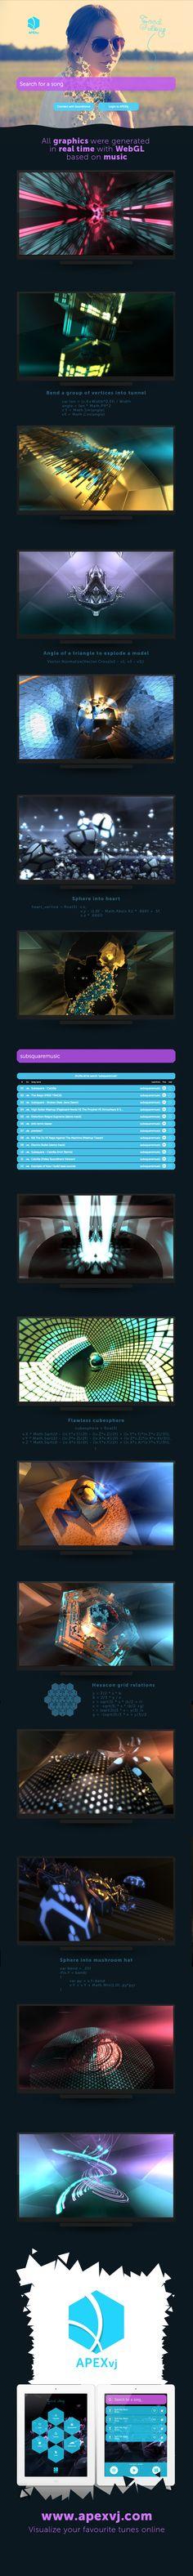 APEXvj v3 design portfolio. http://www.apexvj.com/  website, webgl, generative, demoscene, music, music visualization, webdesign, ui, 3d, realtime